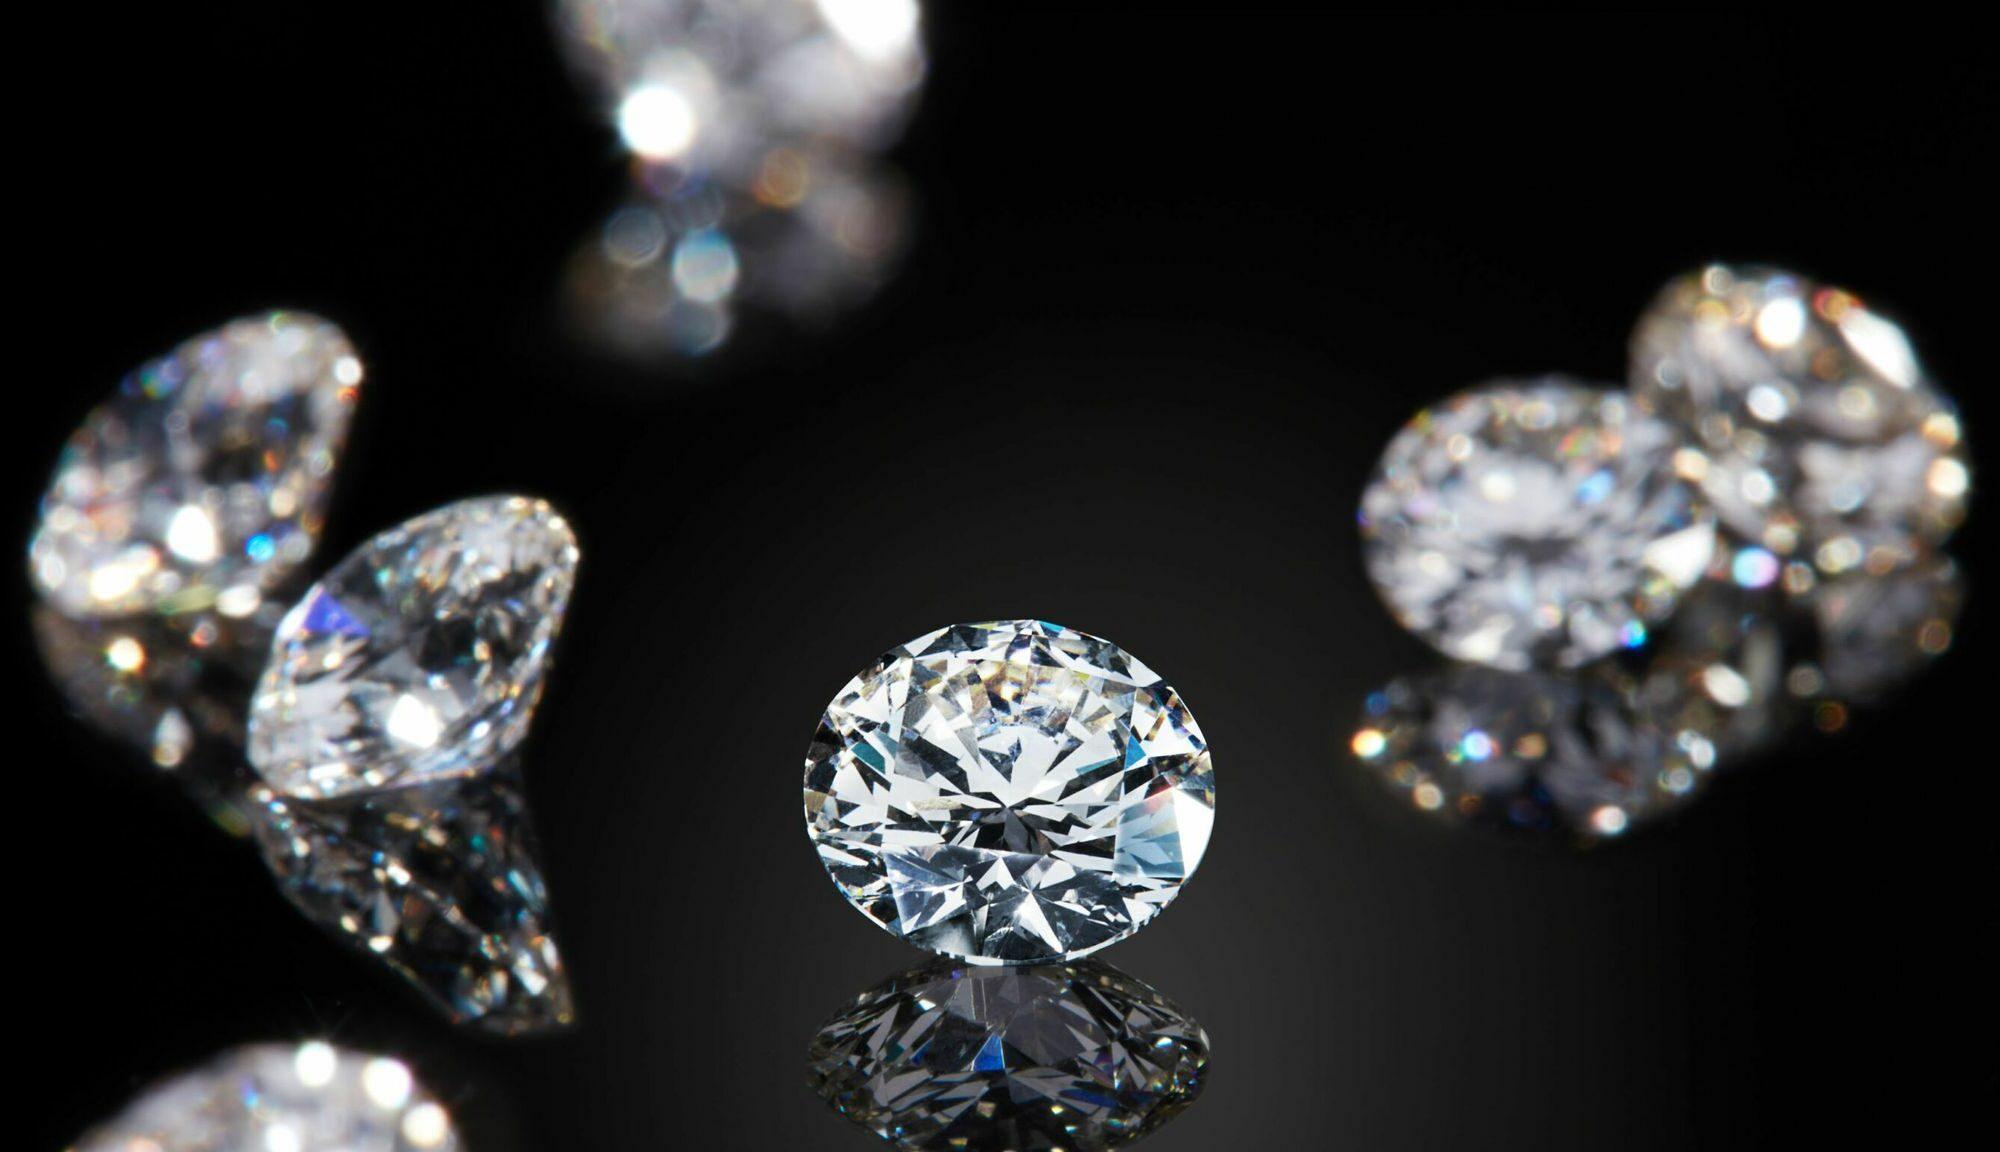 Los diamantes más raros se forman a 300 km bajo la superficie y a partir de restos de organismos